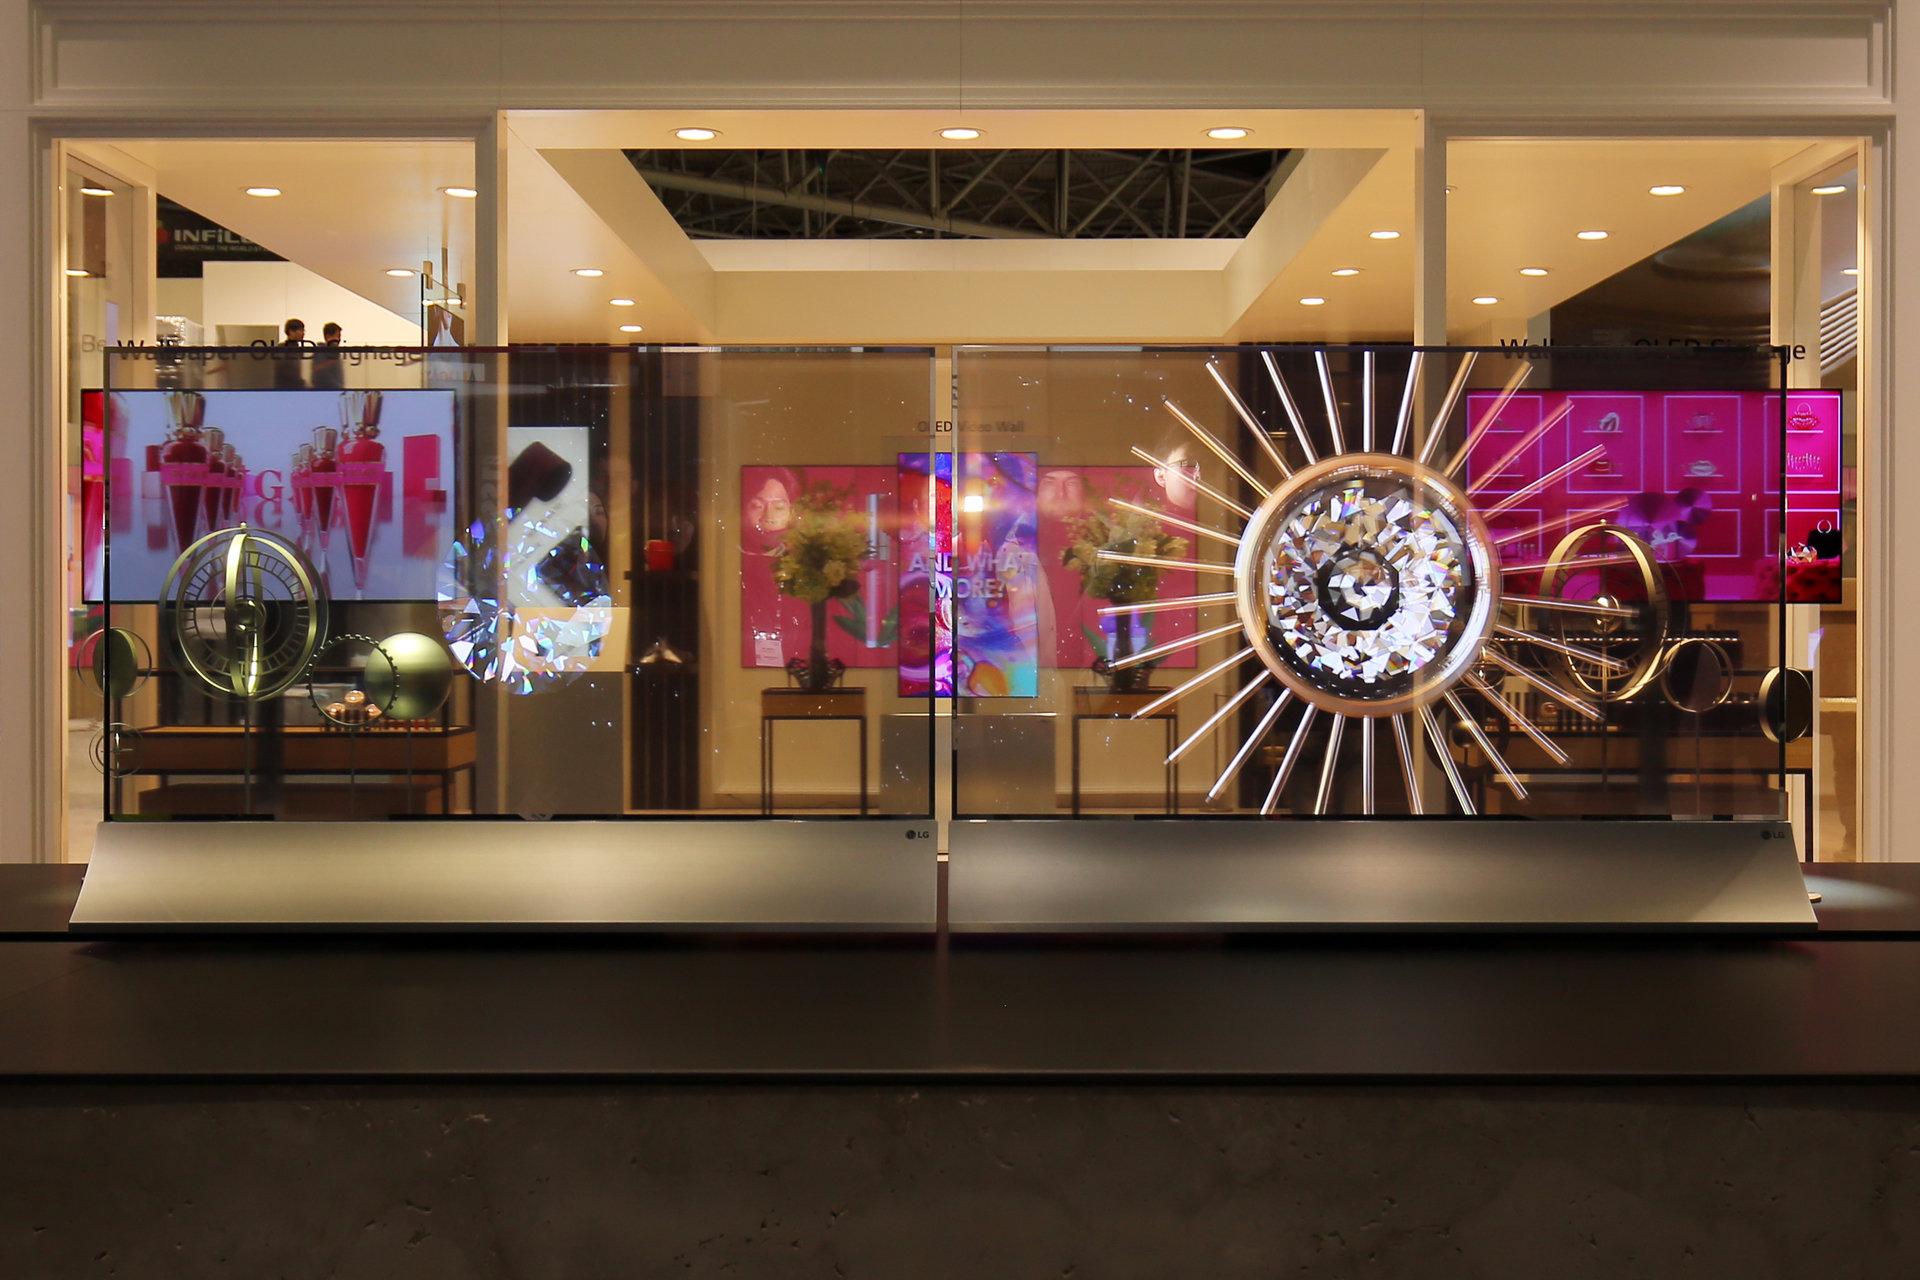 ISE 2018: LG prezentuje innowacyjne wyświetlacze dla biznesu